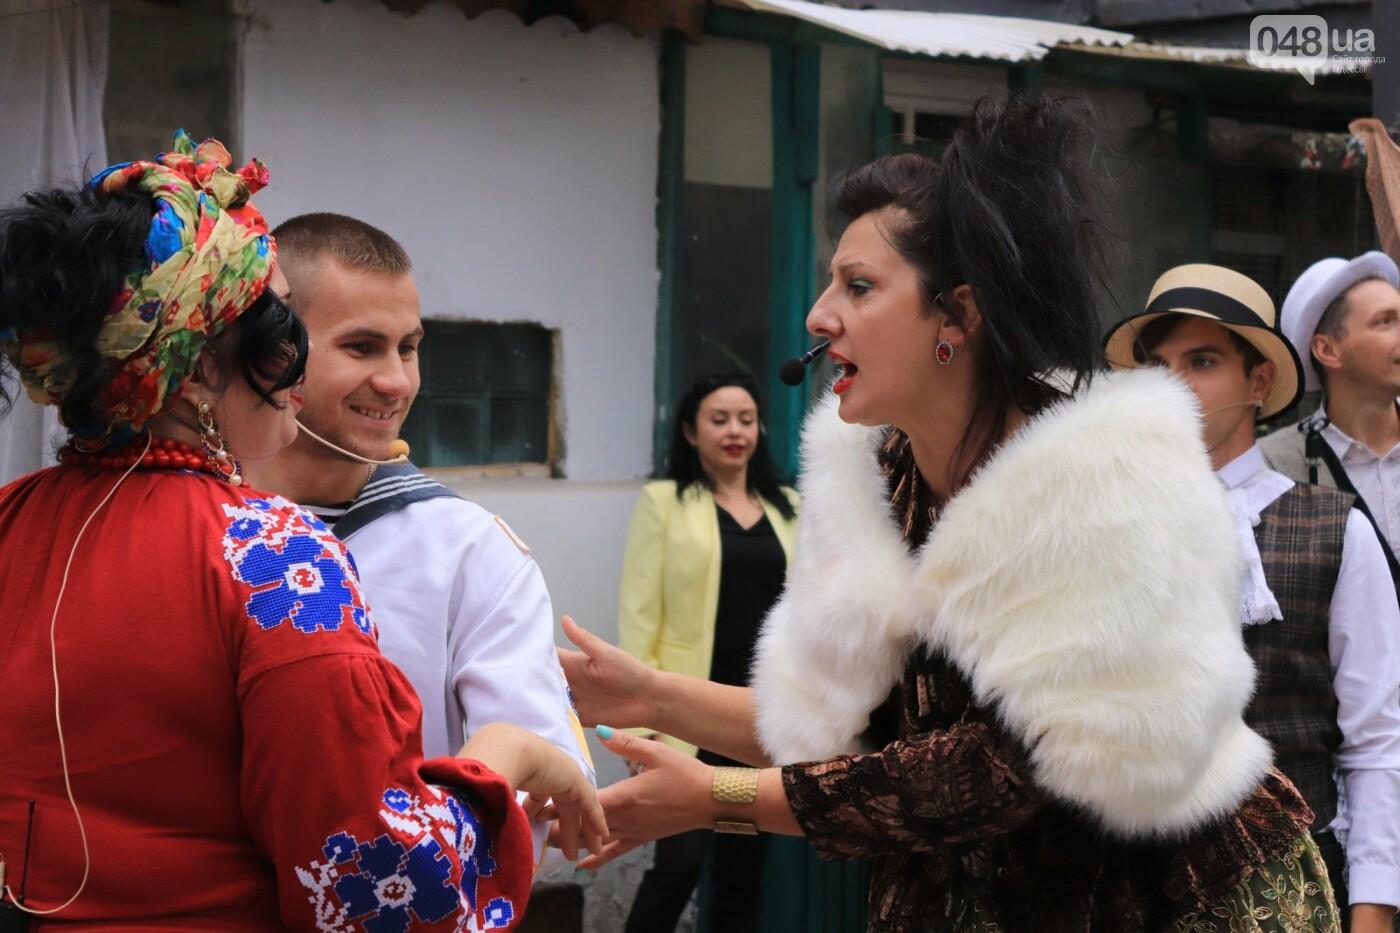 Одесситы гуляли день рождения Мамы в День города, - ФОТОРЕПОРТАЖ, ВИДЕО  , фото-7